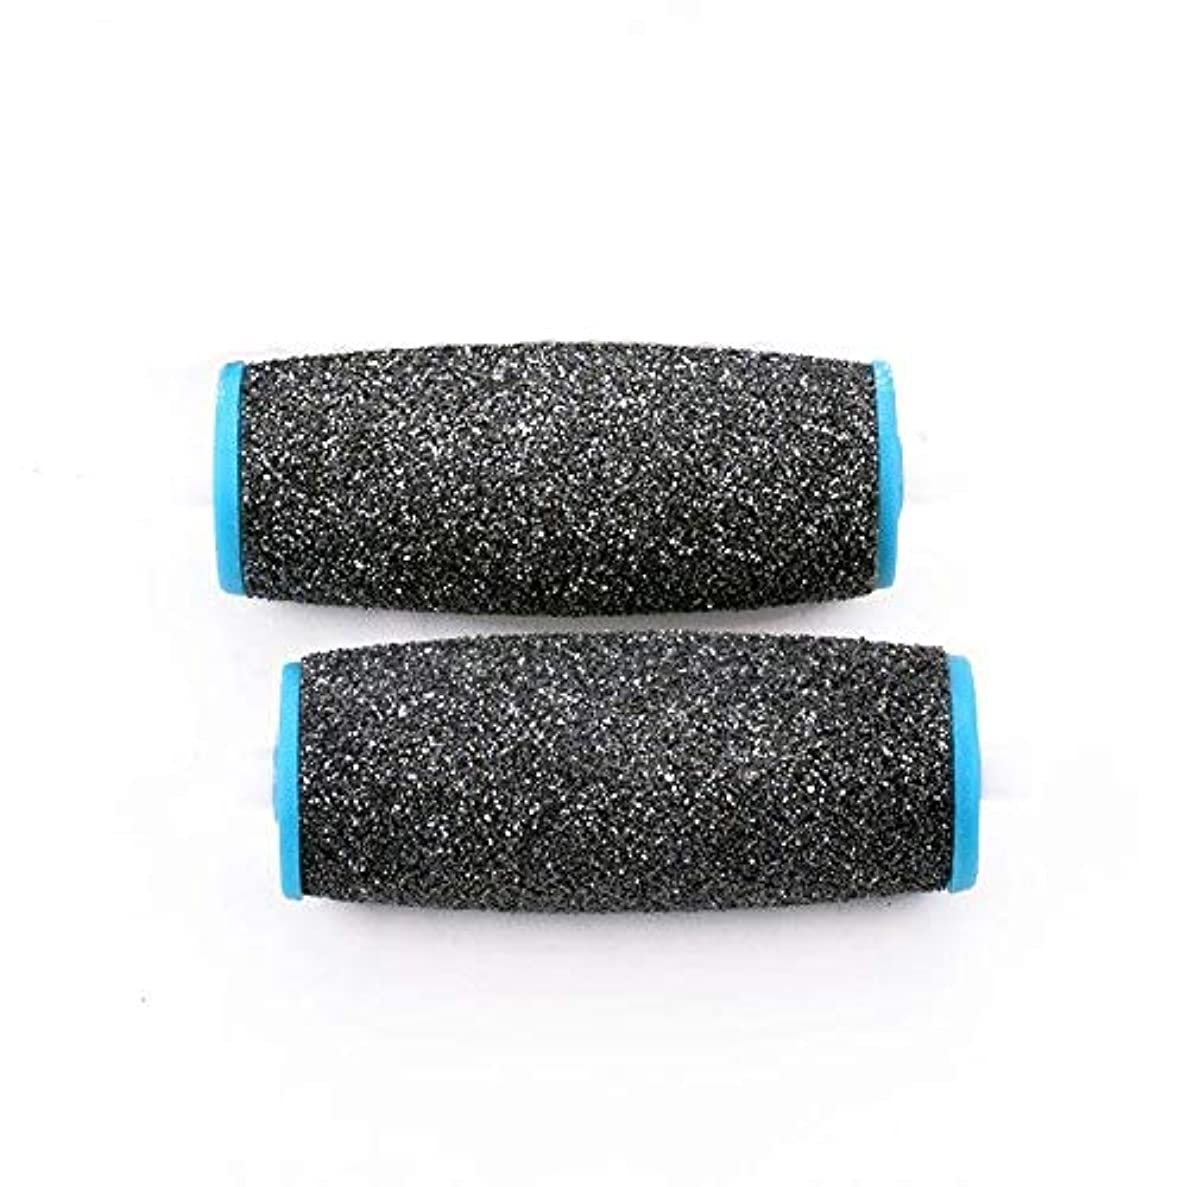 圧倒的夜明けにコンペViffly ベルベットスムーズ 電動角質リムーバー ダイヤモンド リフィル エキストラ かたい角質用 2個セット (ブラック+ブルー)